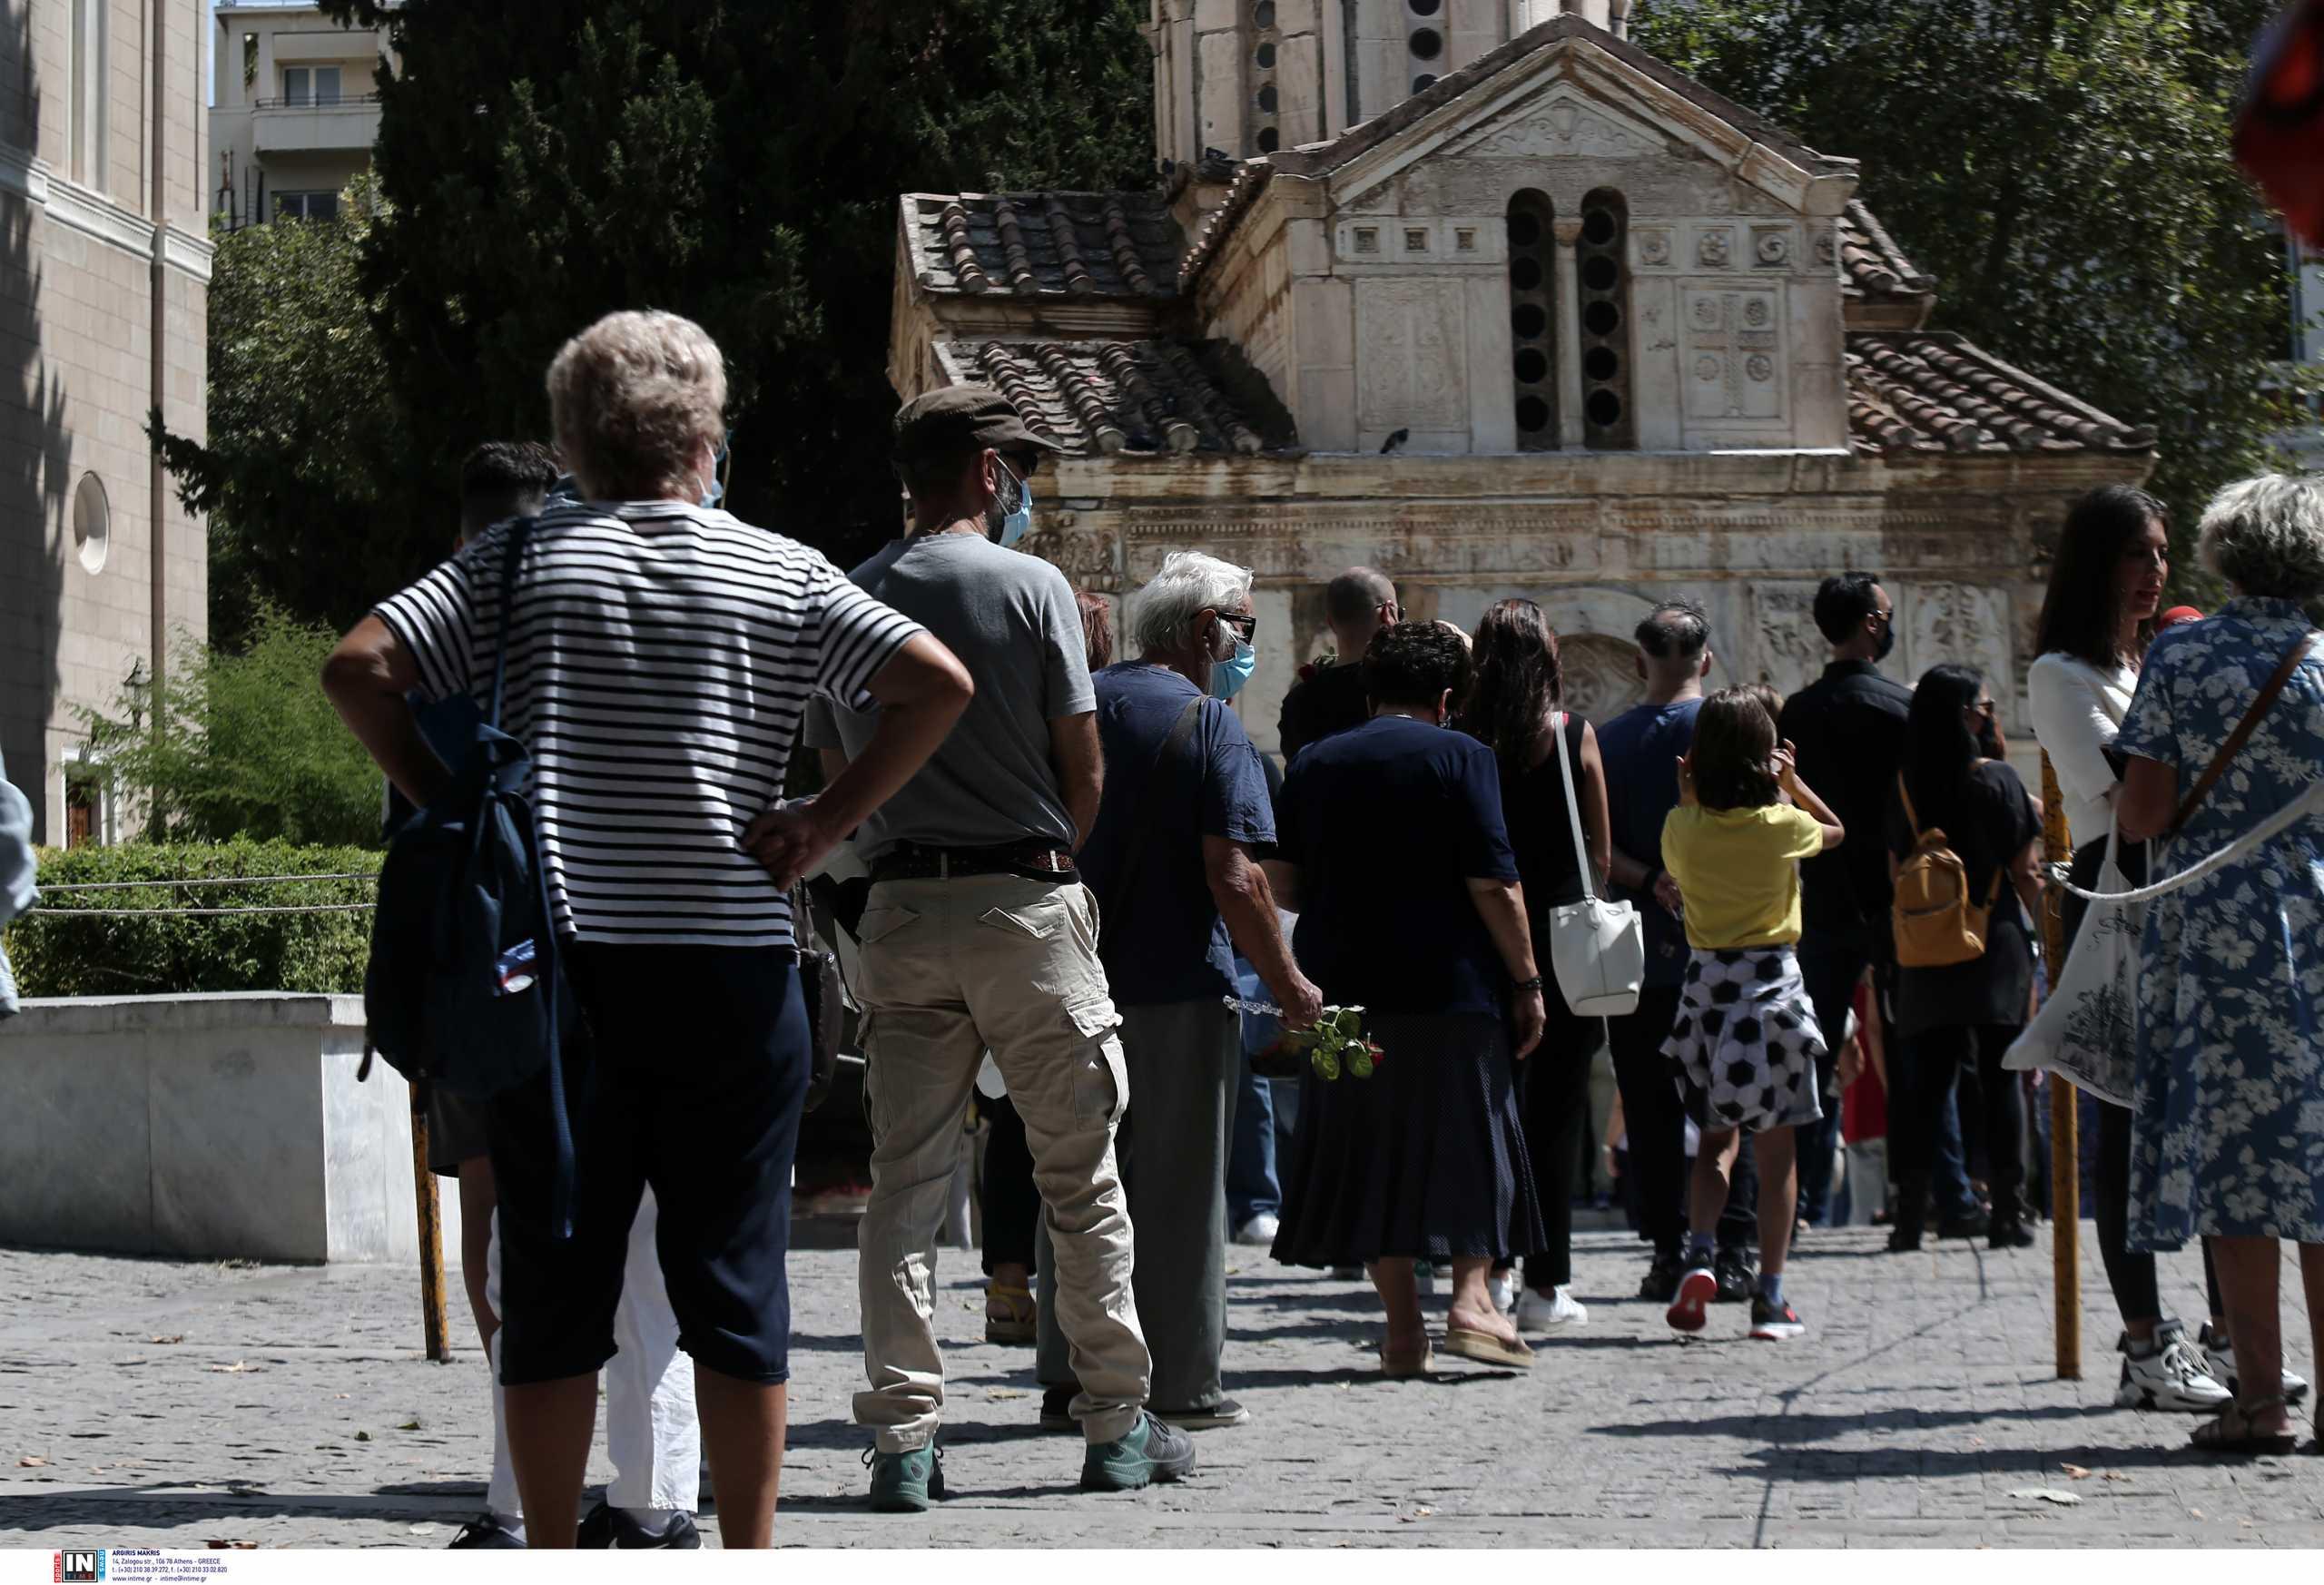 Μίκης Θεοδωράκης: Μέχρι τις 2 το λαϊκό προσκύνημα – Αύριο η κηδεία στα Χανιά